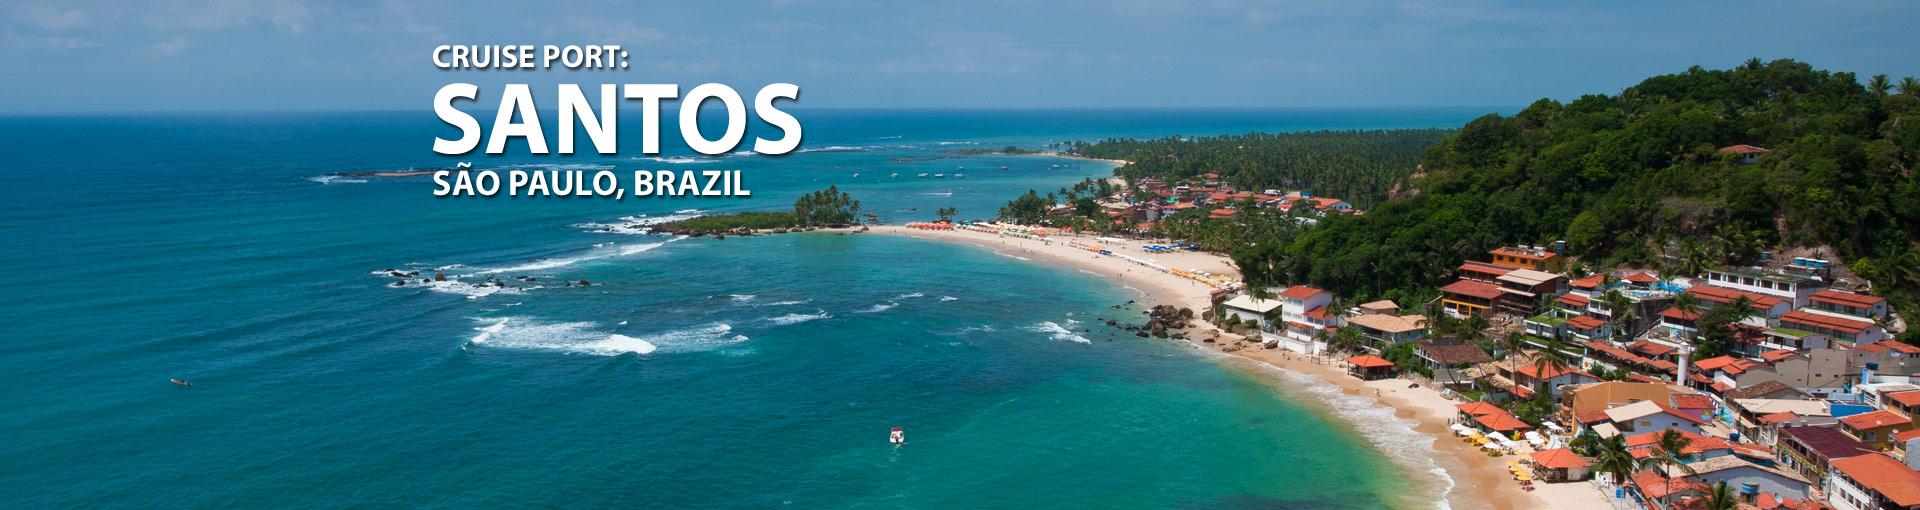 Cruises from Santos, Sao Paulo, Brazil